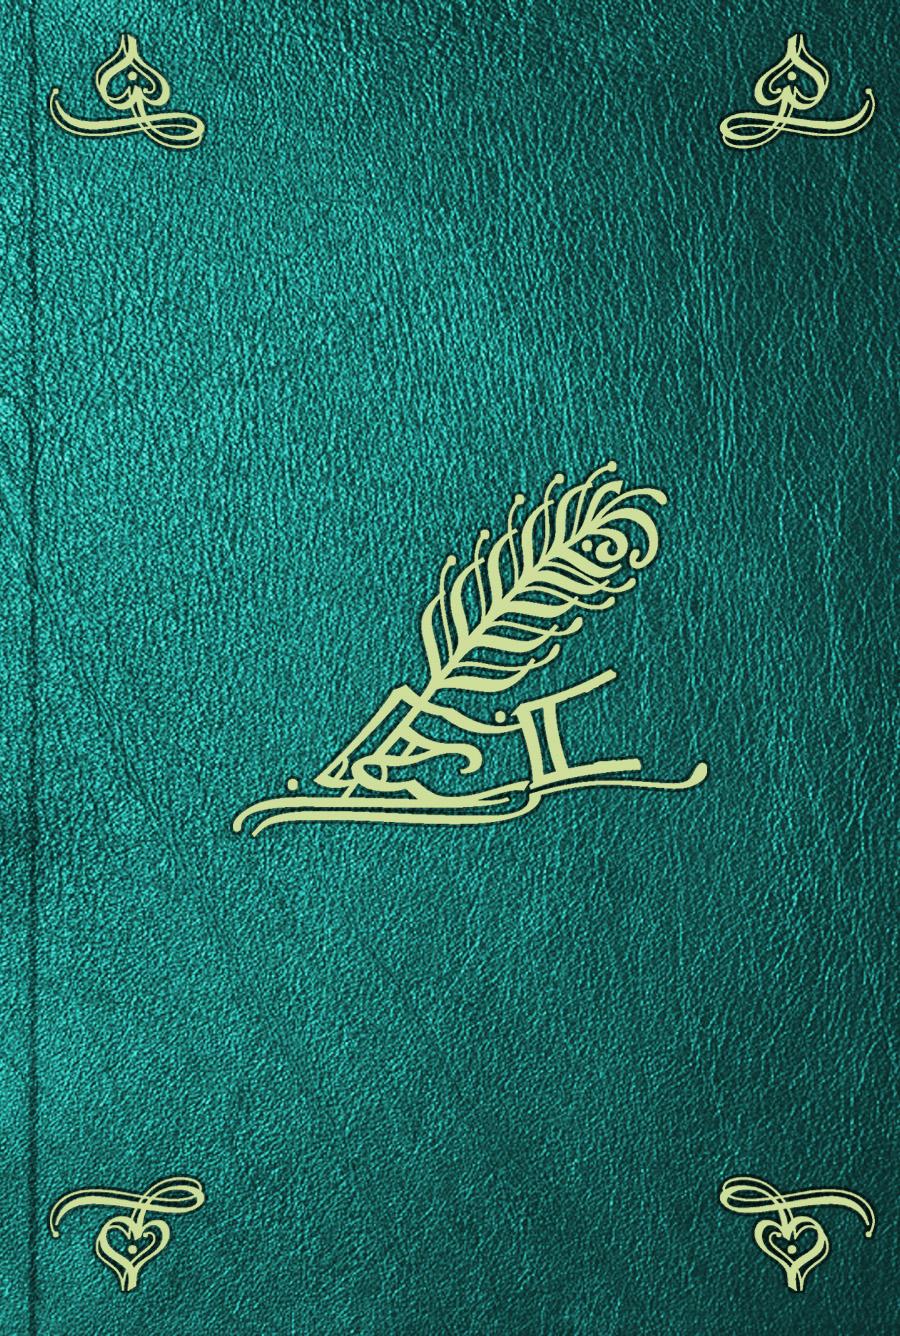 Elisa von der Recke Tagebuch einer Reise durch einen Theil Deutschlands und durch Italien in den Jahren 1804 bis 1806. Bd. 2 hermann von staff der befreiungs krieg der katalonier in den jahren 1808 bis 1814 t 2